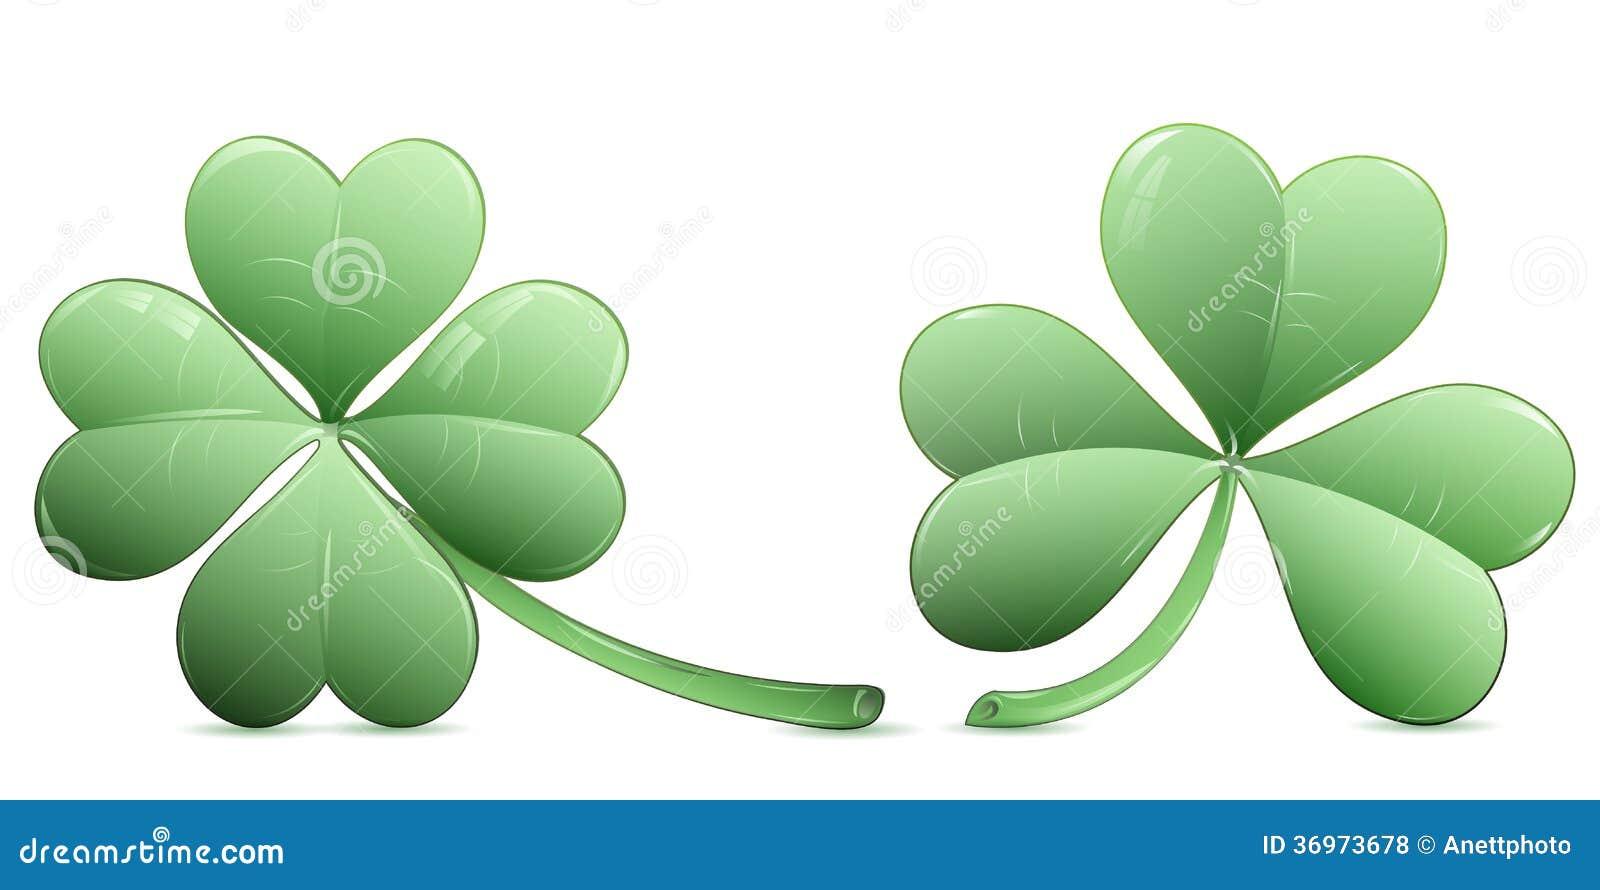 Quadrifoglio e tre icone del trifoglio della foglia - Immagini di quadrifoglio a quattro foglie ...